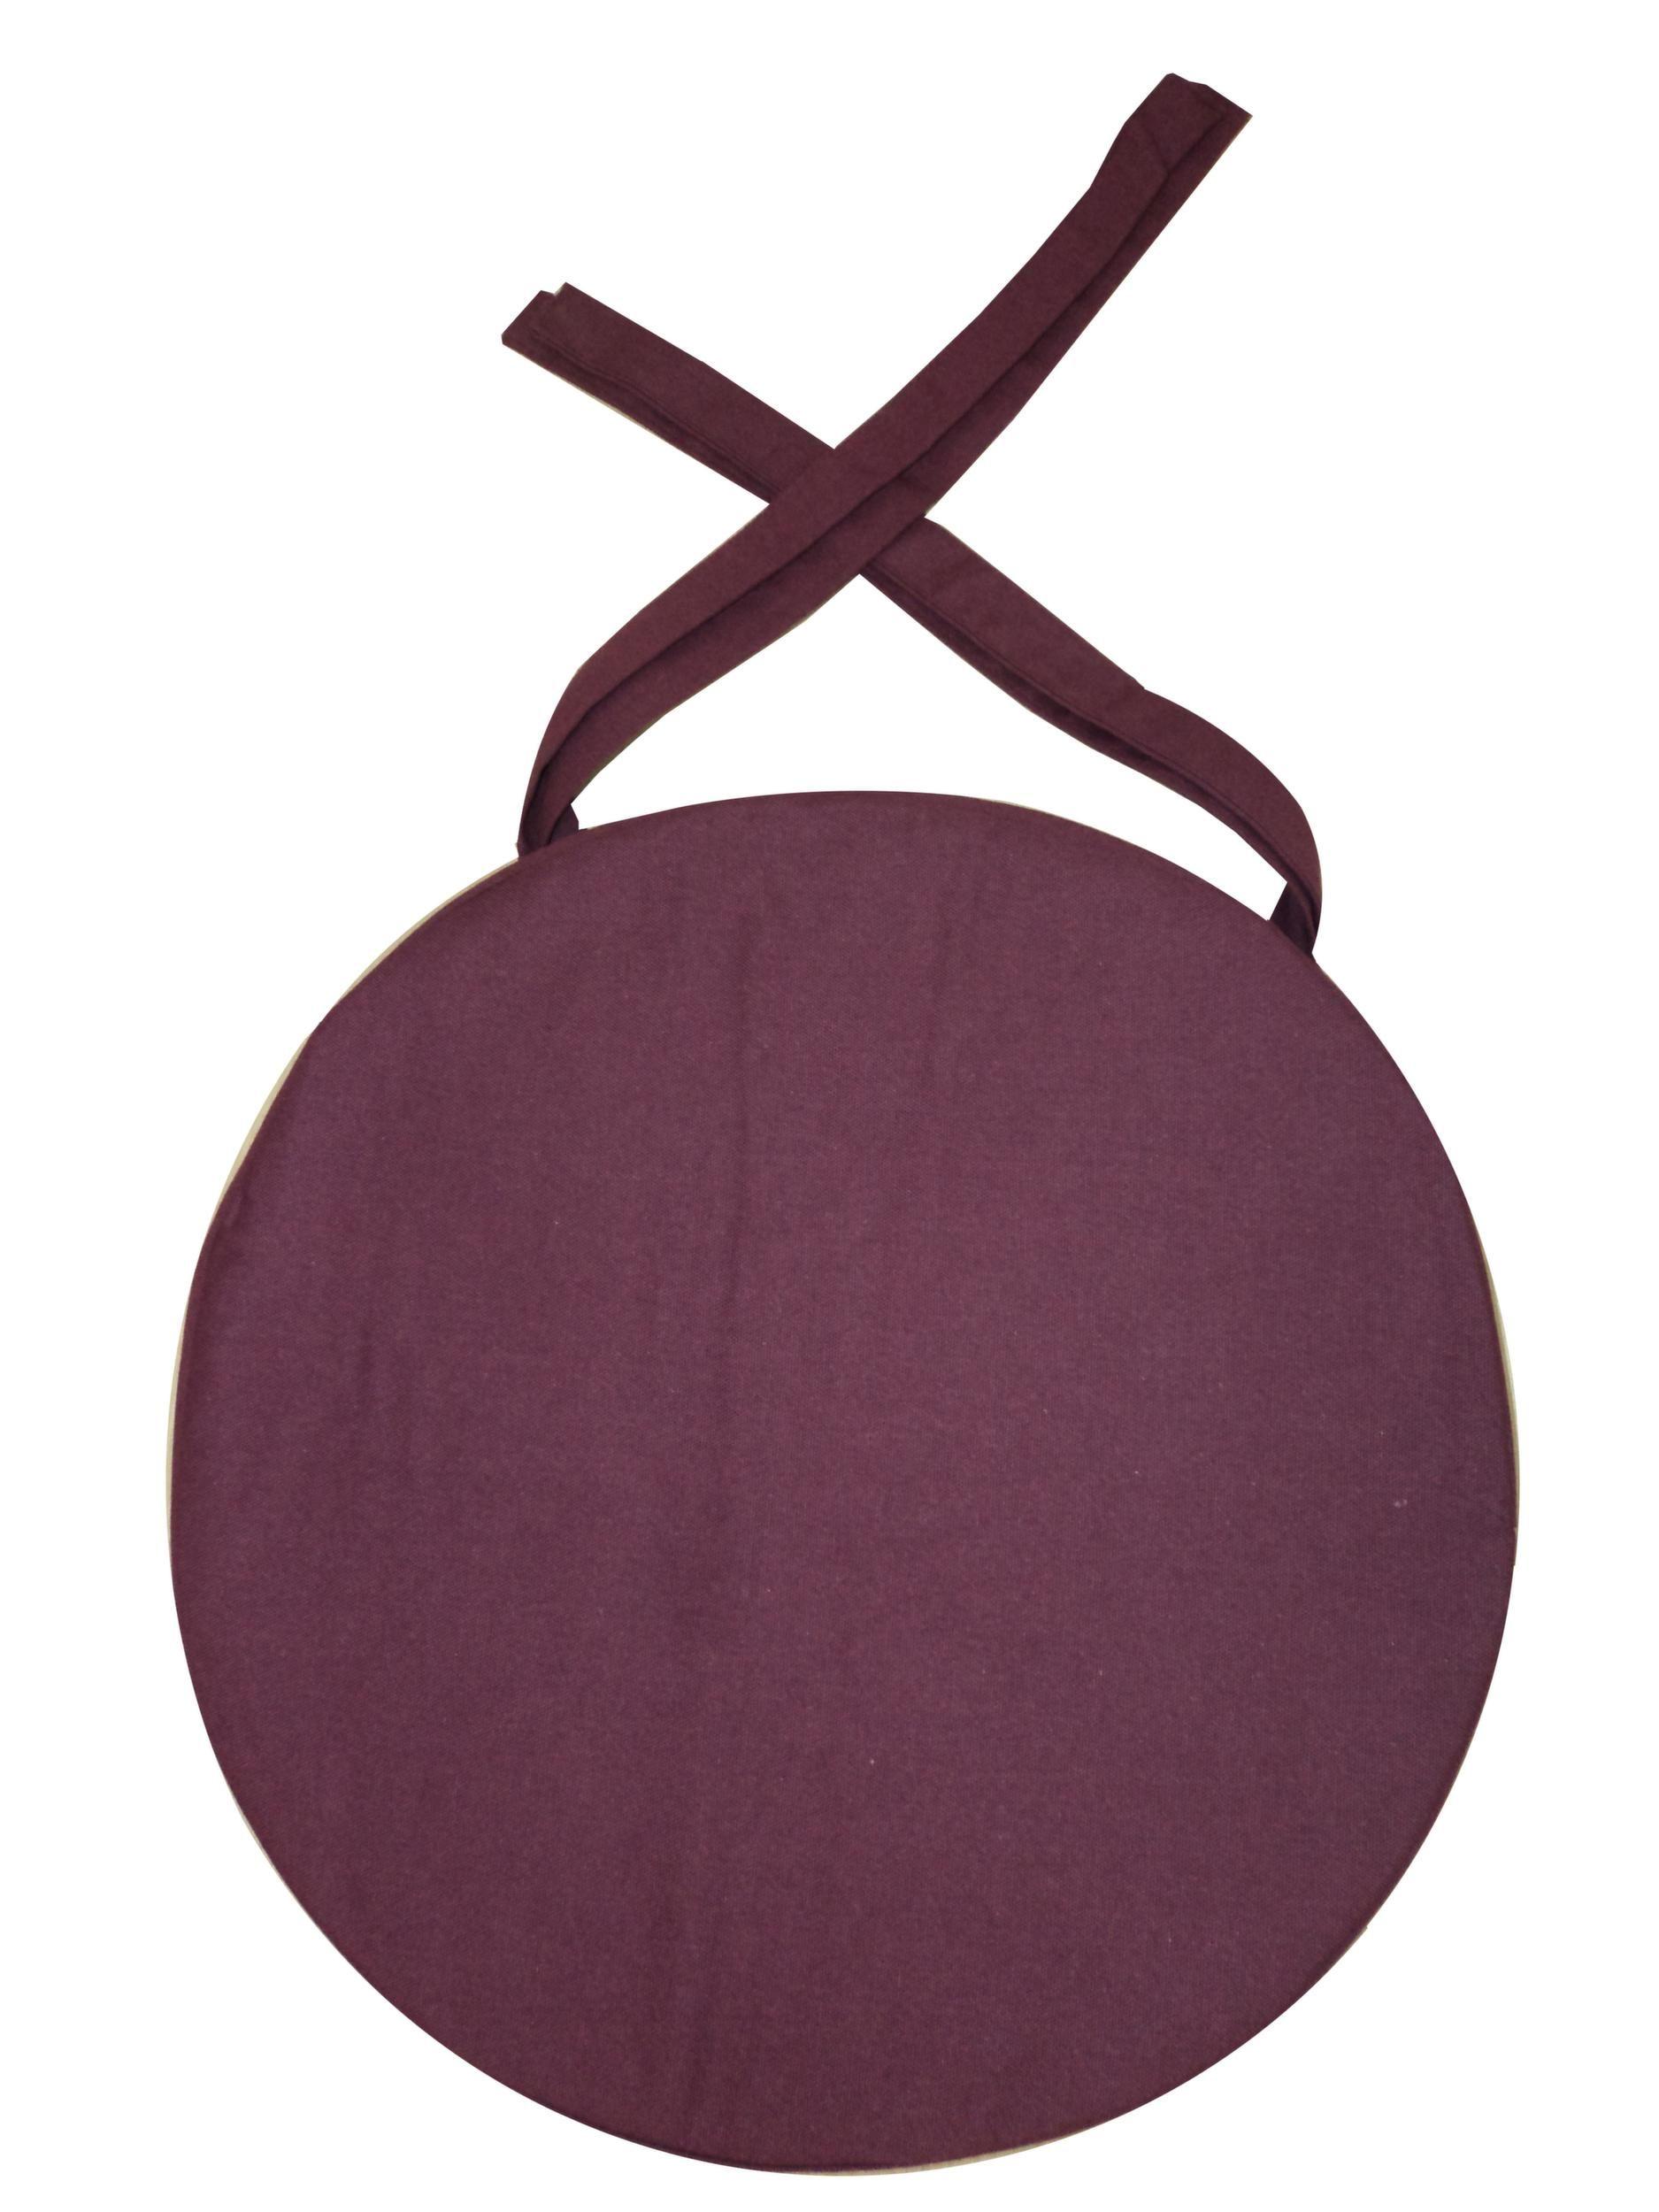 Galette de chaise ronde en coton 40 cm lot de 6 for Galette ronde de chaise